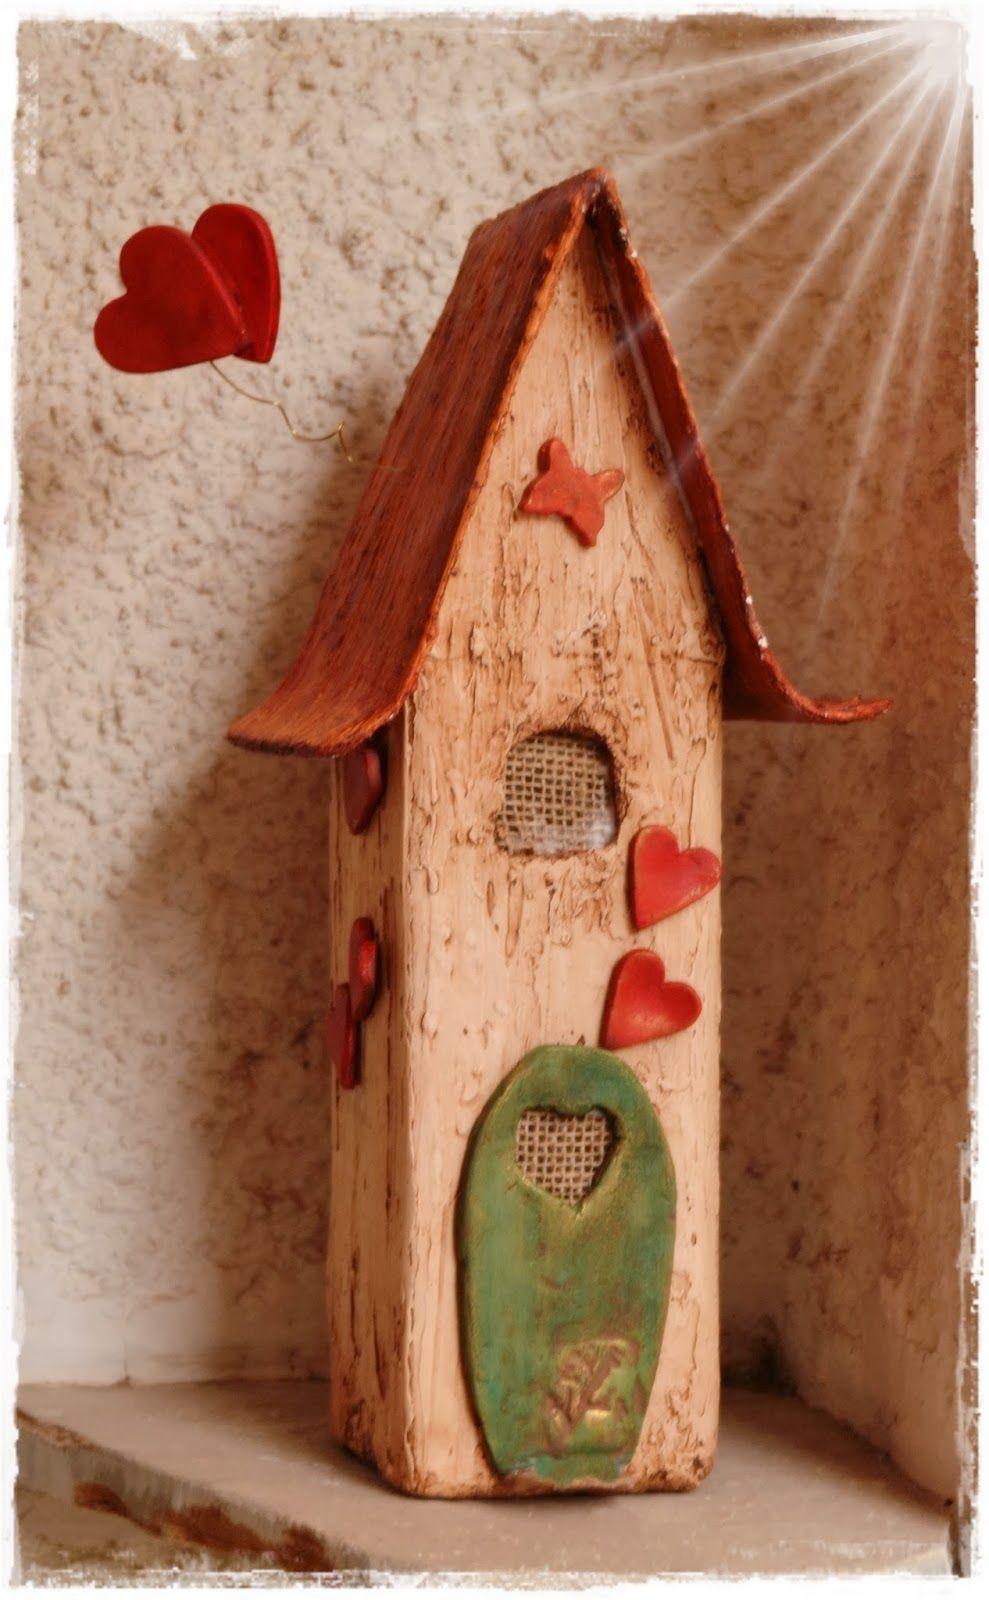 handmade art: Οι δημιουργιές των μαθητριών απο το Σεμιναριο Εικαστικης κατασκευής ''Σπιτάκι απο γυψόγαζα και πηλο'' στη Αθηνα τον Σεπτεμβριο - Το πρόγραμμα των επόμενων Σεμιναρίων στην Θεσσαλονικη και Αθηνα για τον μηνα Νοεμβριο